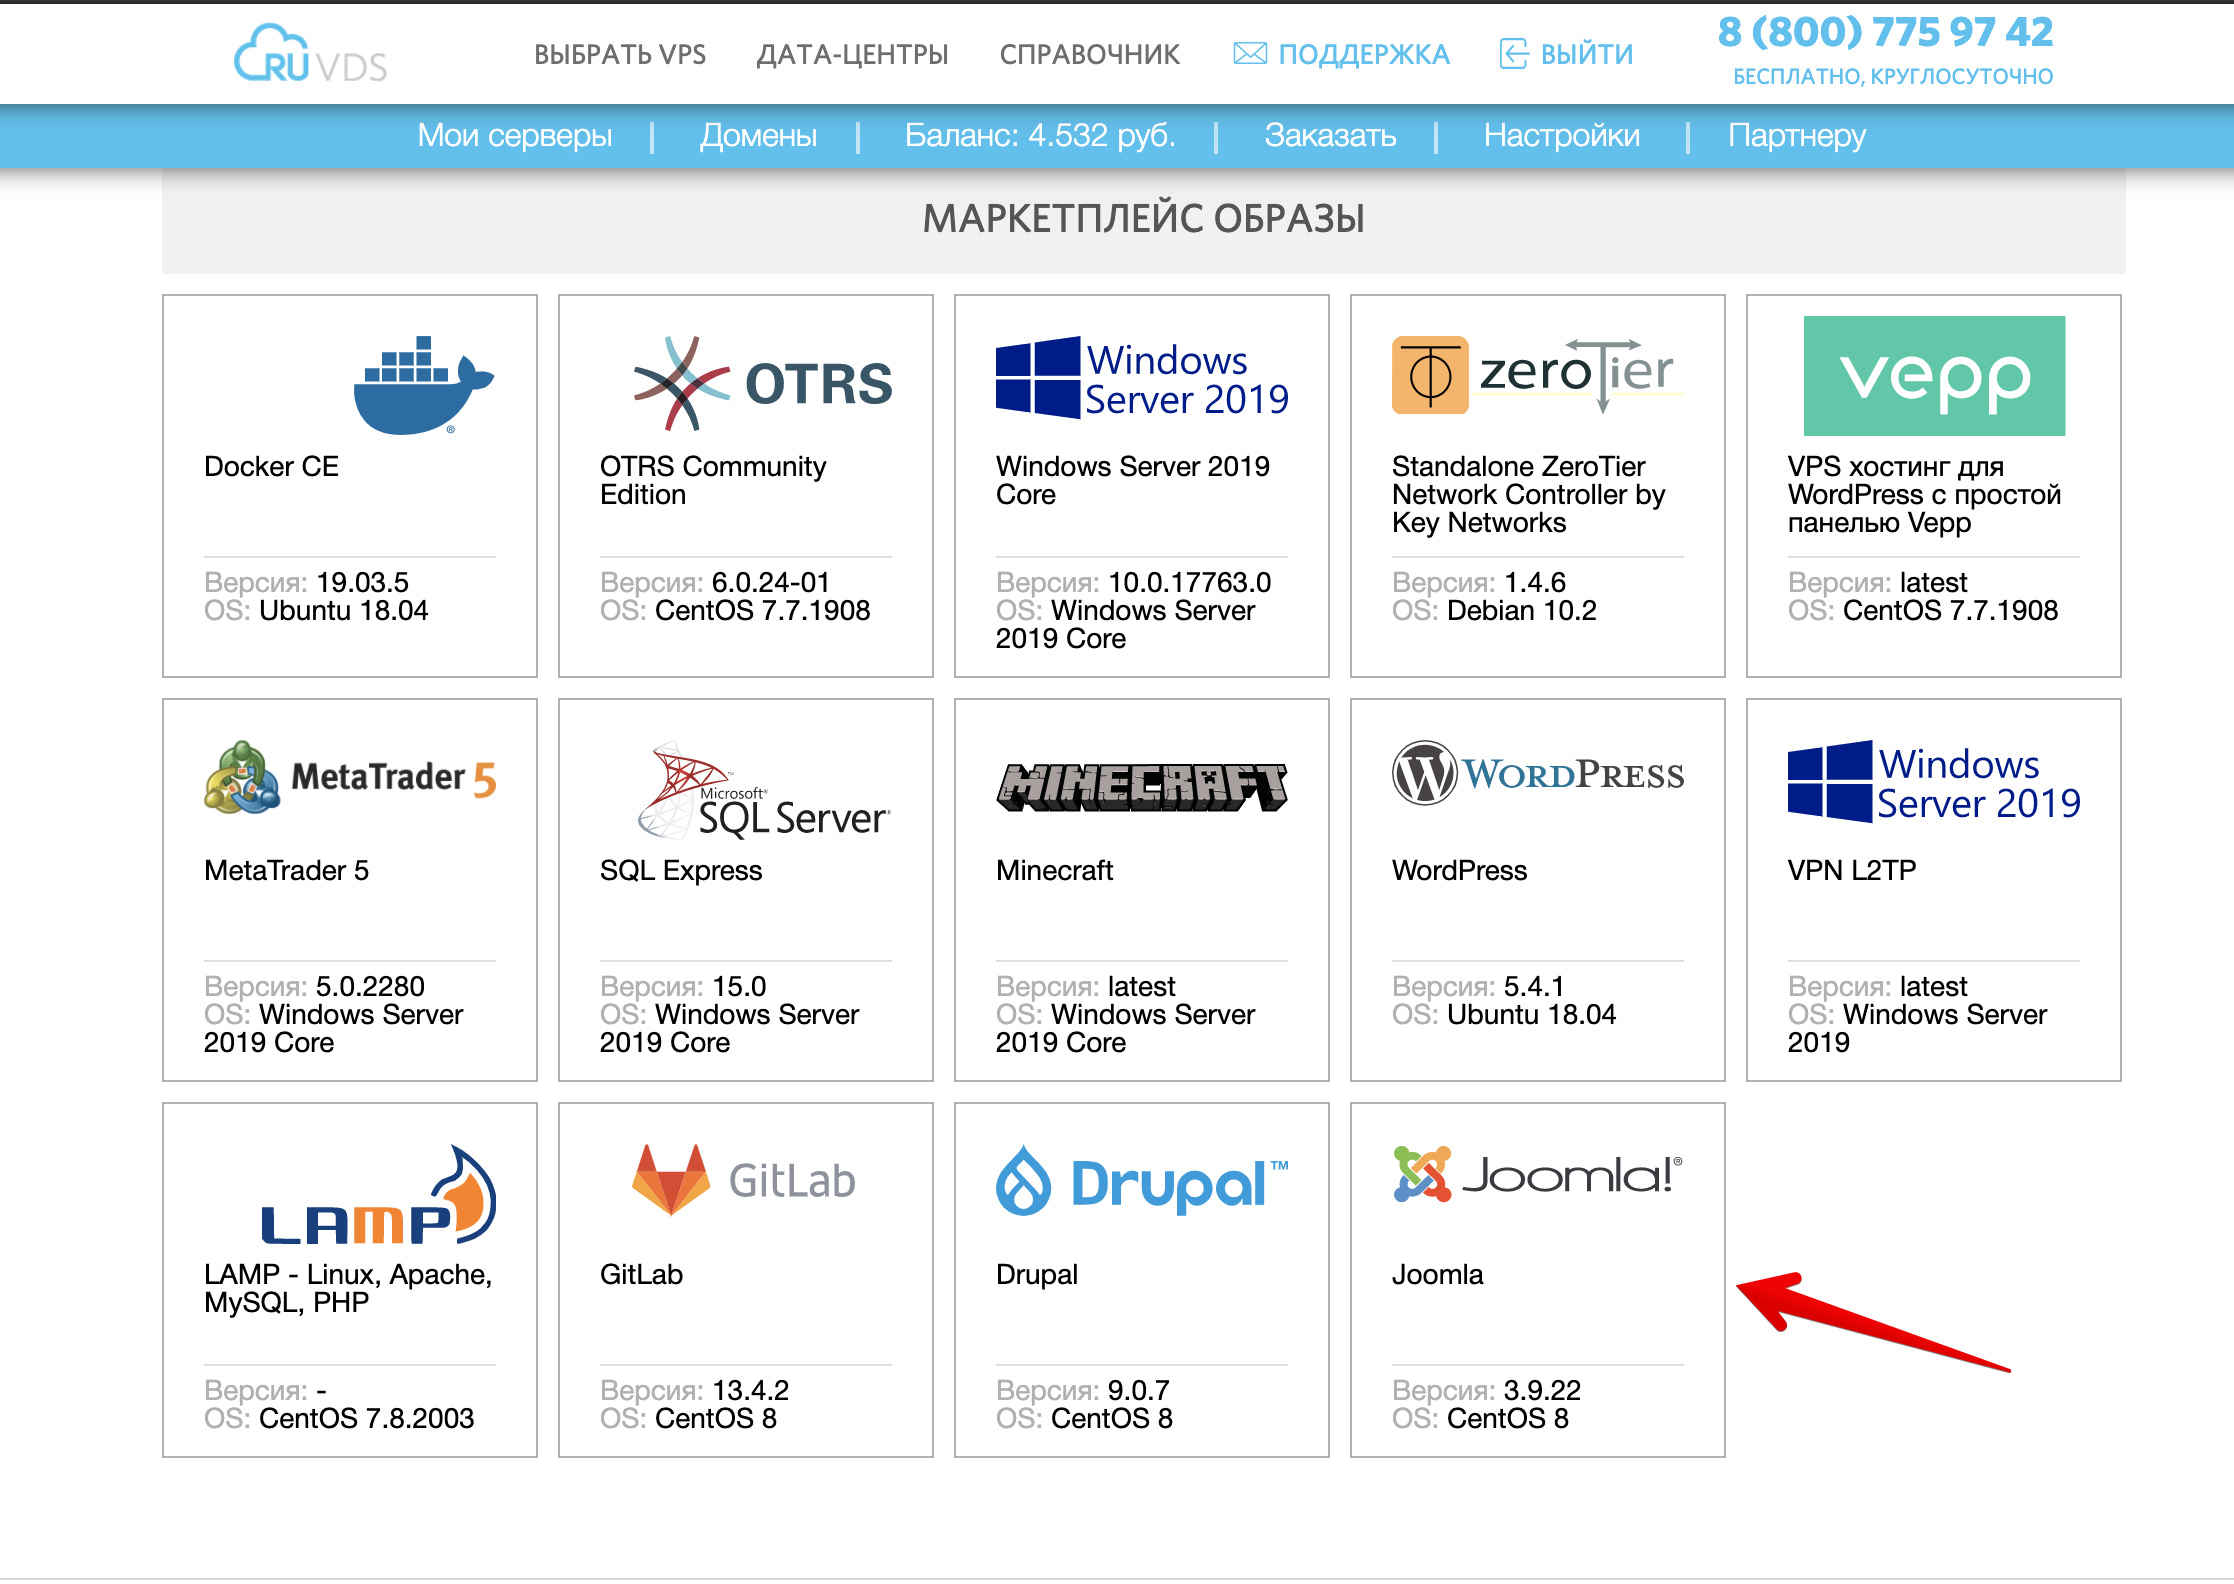 У нас появился новый образ в маркетплейсе: VPS с Joomla 3.9 на Centos 8 - 2